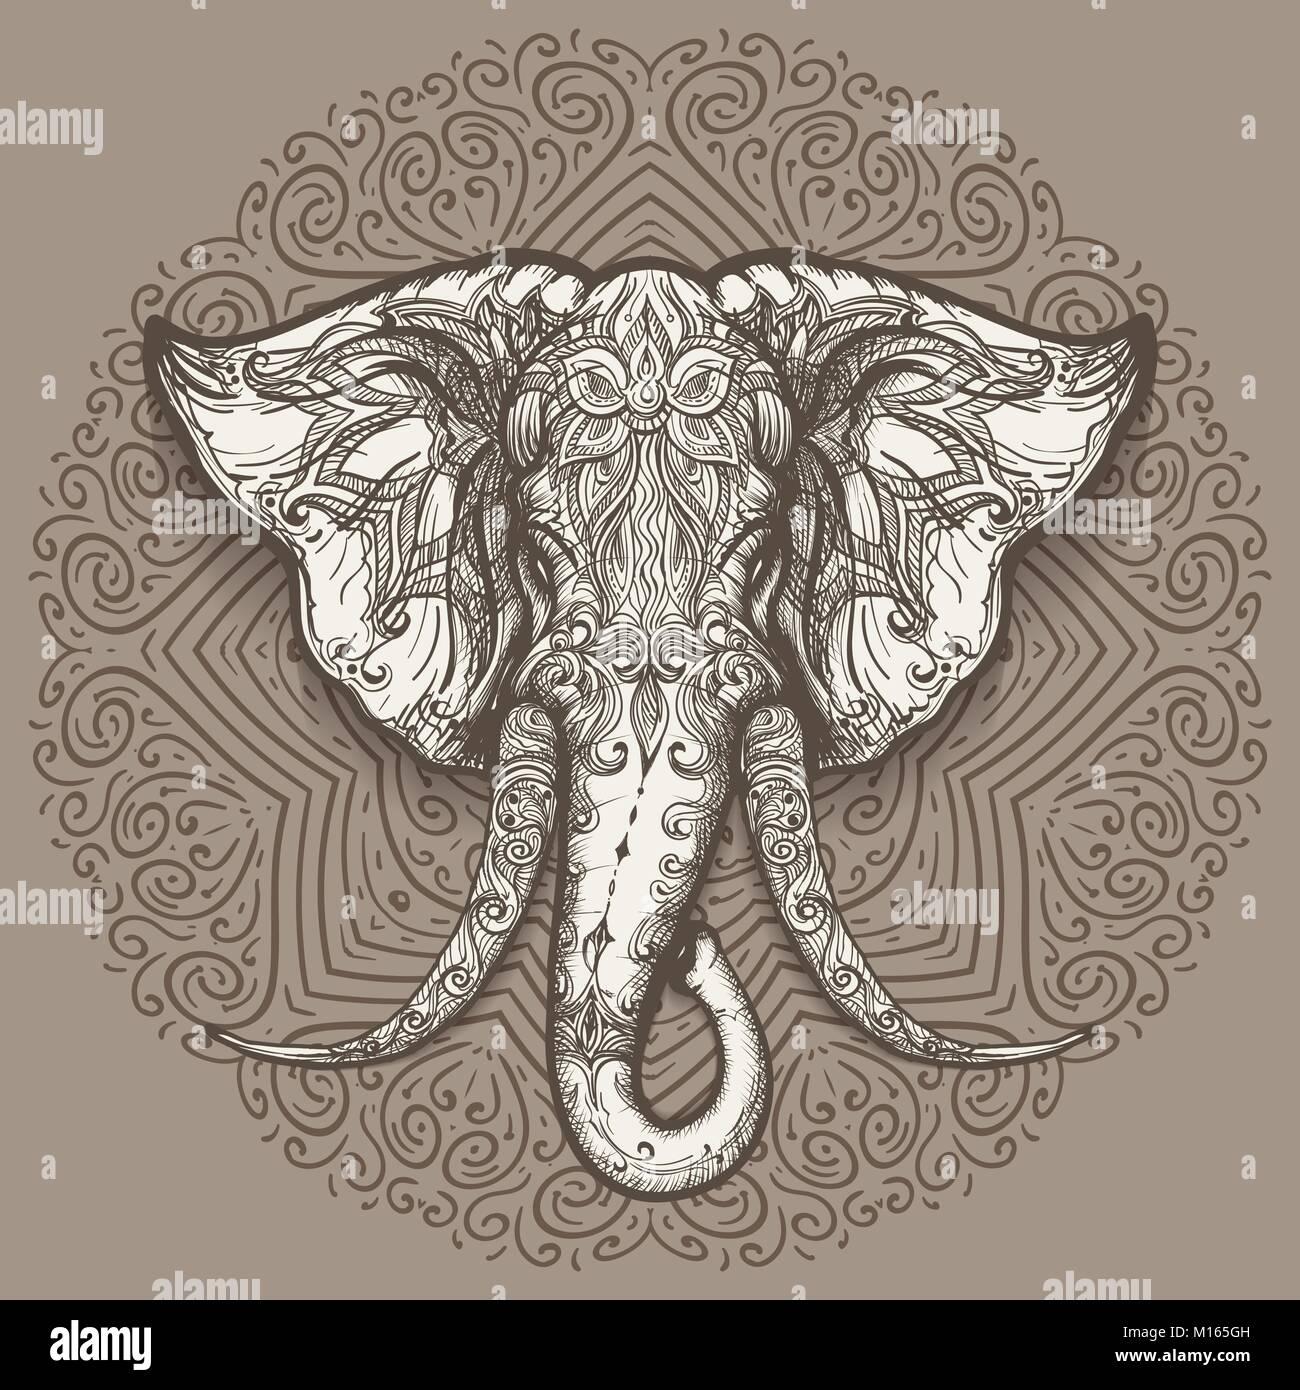 bc970fef8fbff Cabeza de elefante estilizado arte el mandala de fondo. Ilustración  vectorial. Imagen De Stock